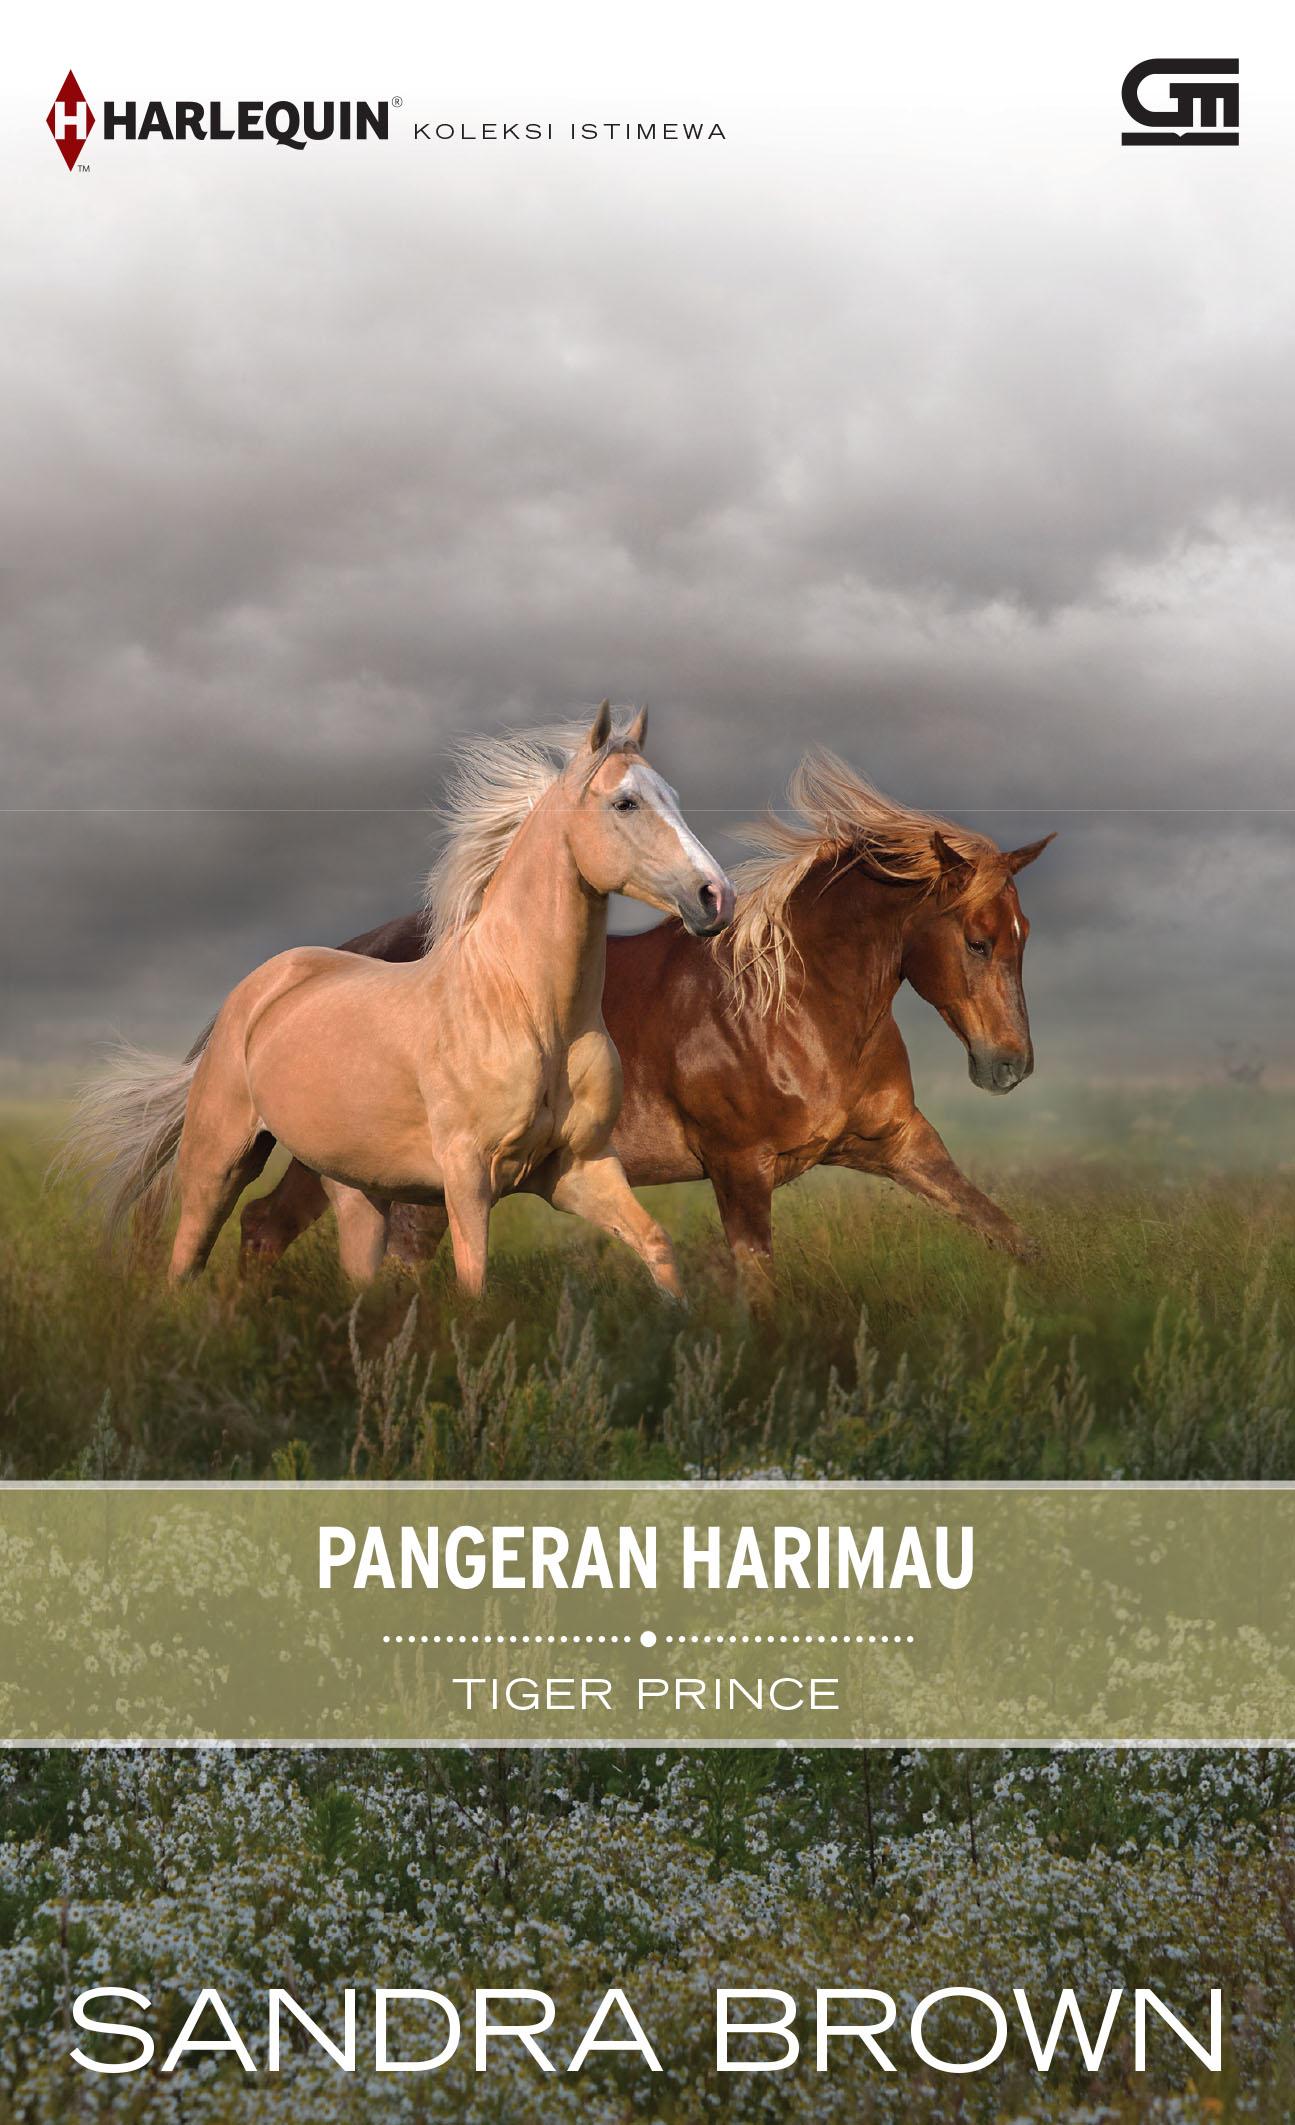 Harlequin Koleksi Istimewa: Pangeran Harimau (Tiger Prince)